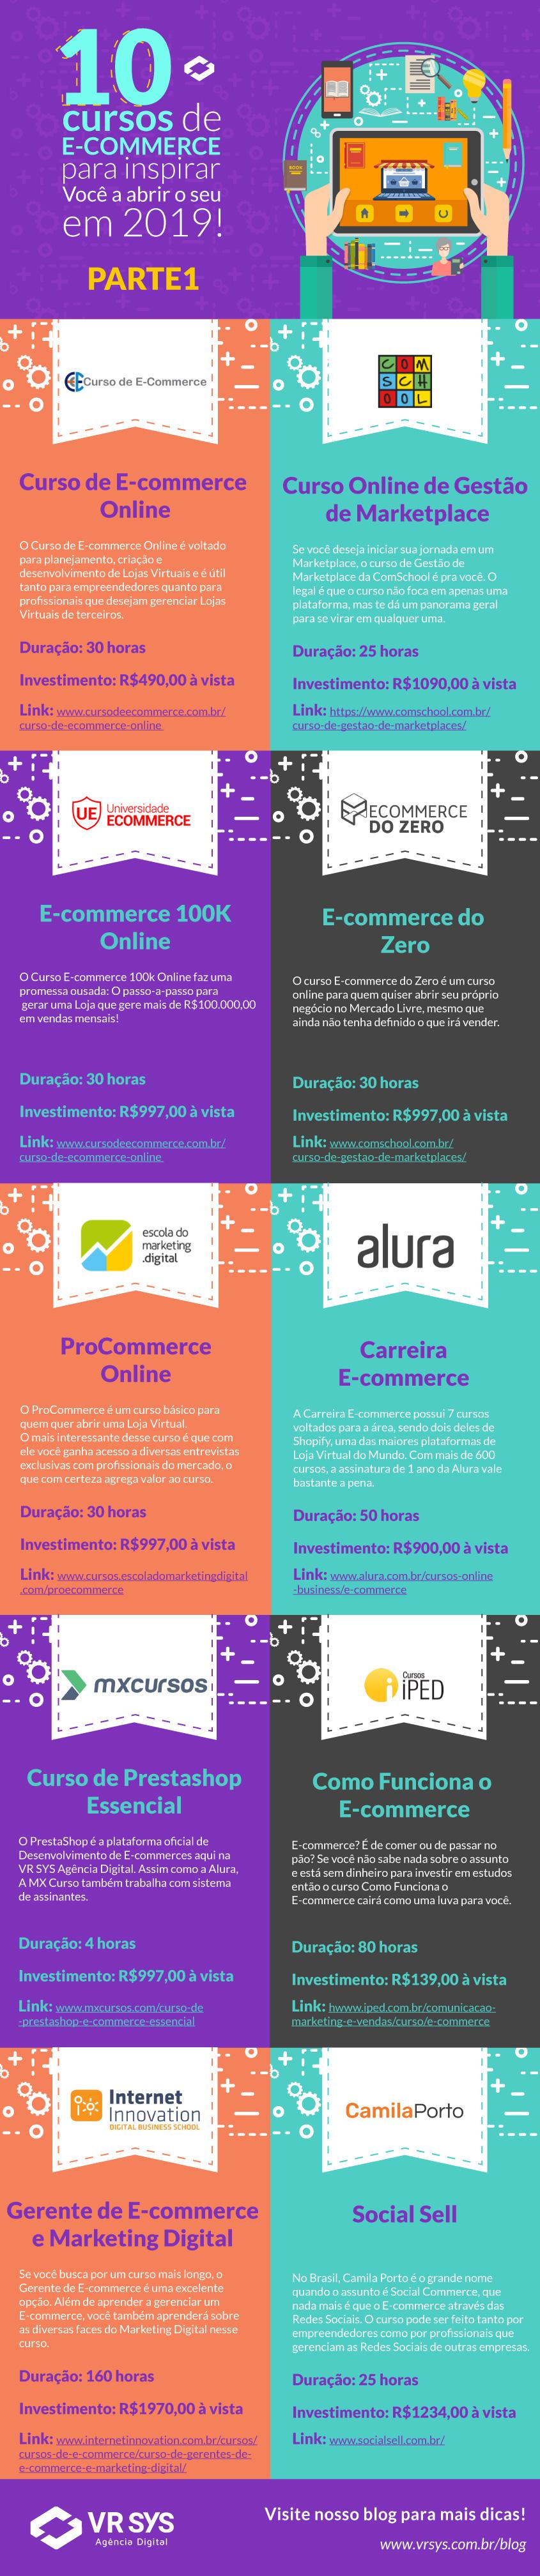 15d36516d 10 cursos de ecommerce para voce abrir o seu em 2019 parte1 infografico